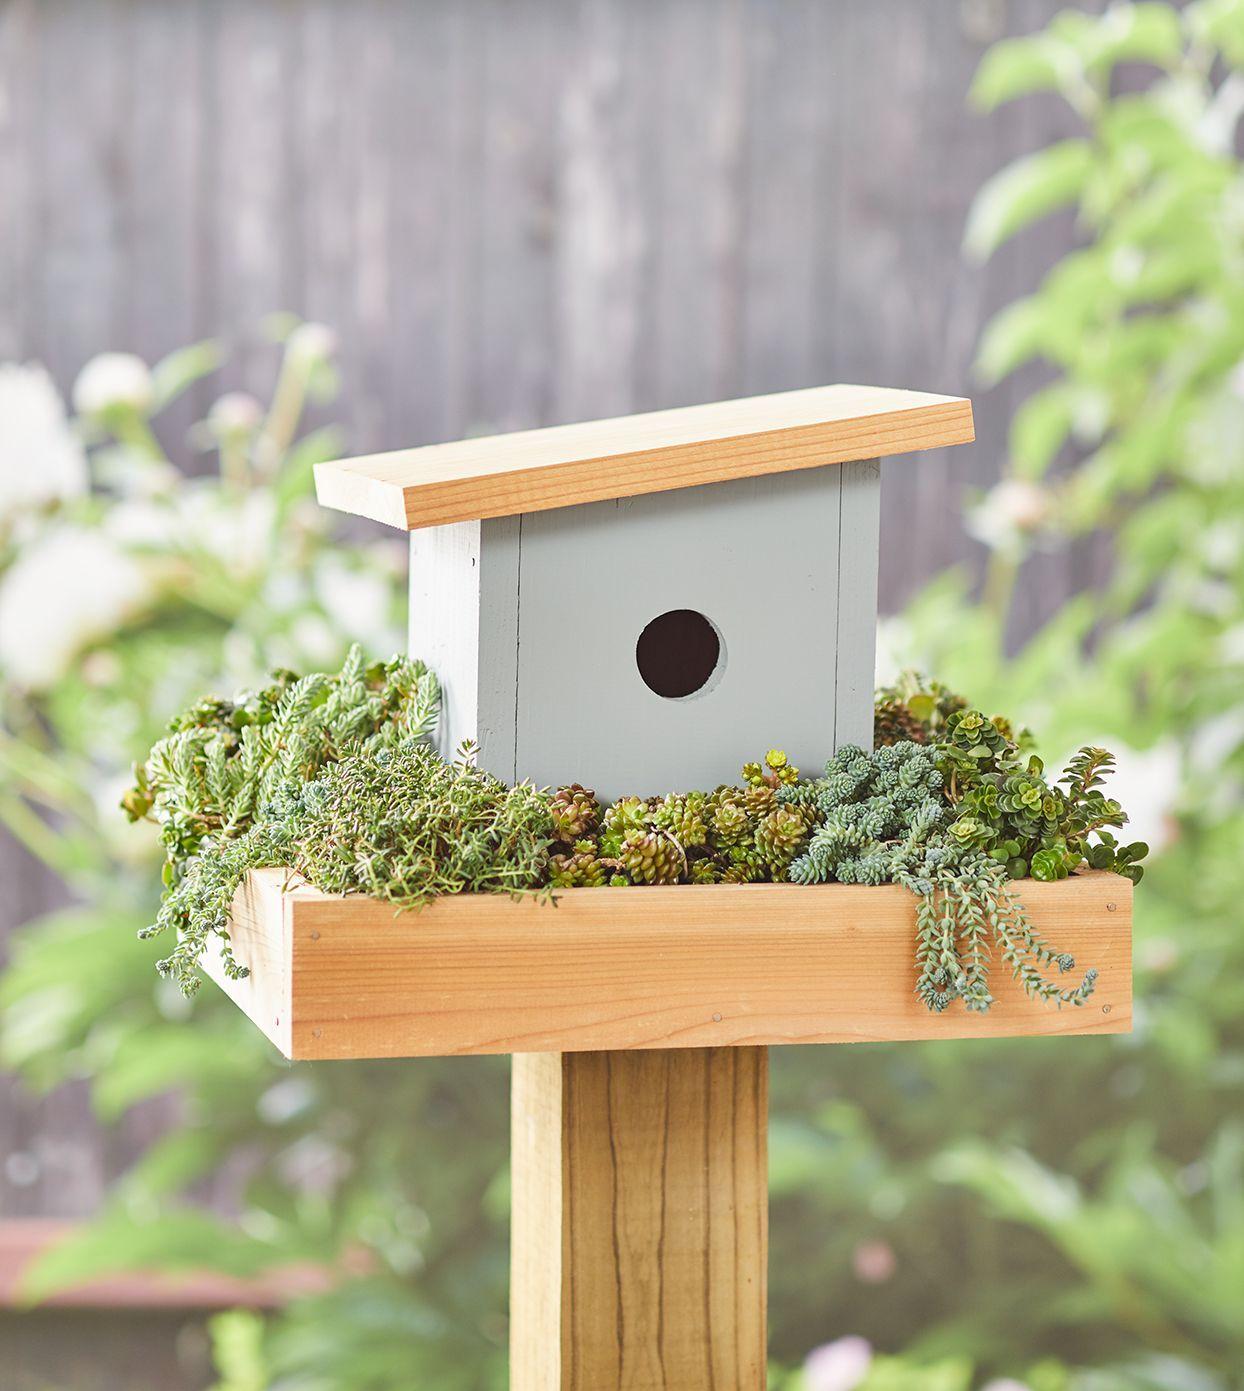 51788d61bcbdb2e6def78e49cb8d0aa5 - Better Homes And Gardens Bird House